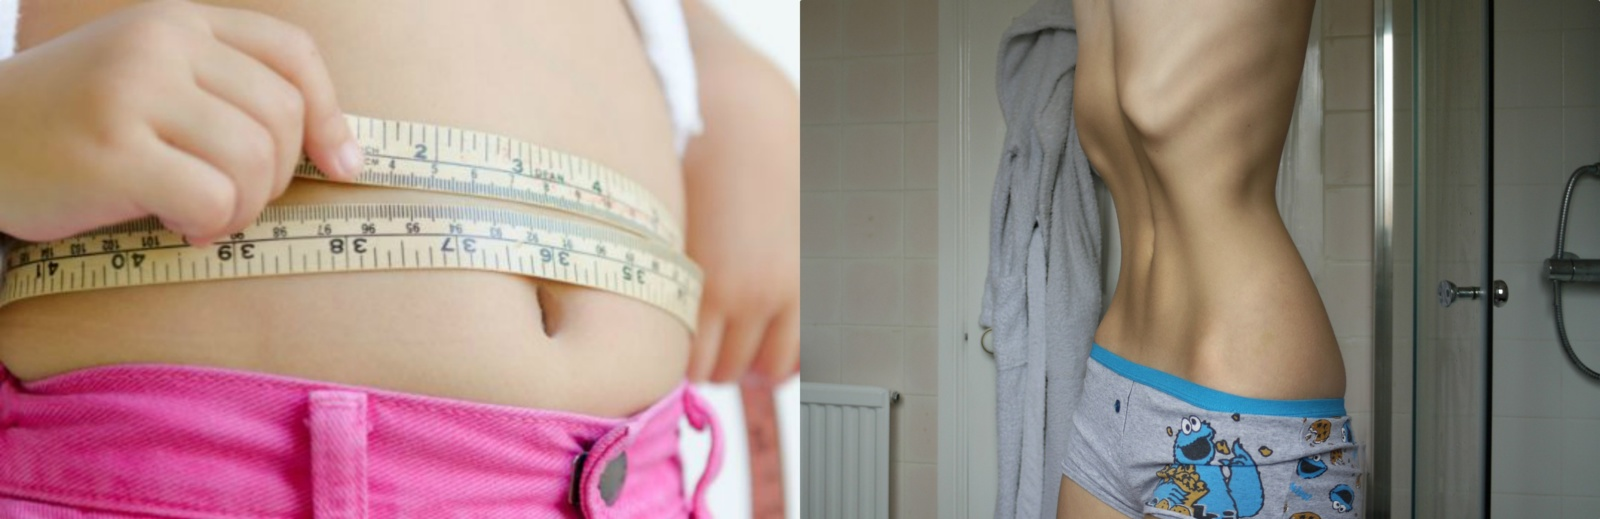 Vaikų nutukimas plinta kaip epidemija